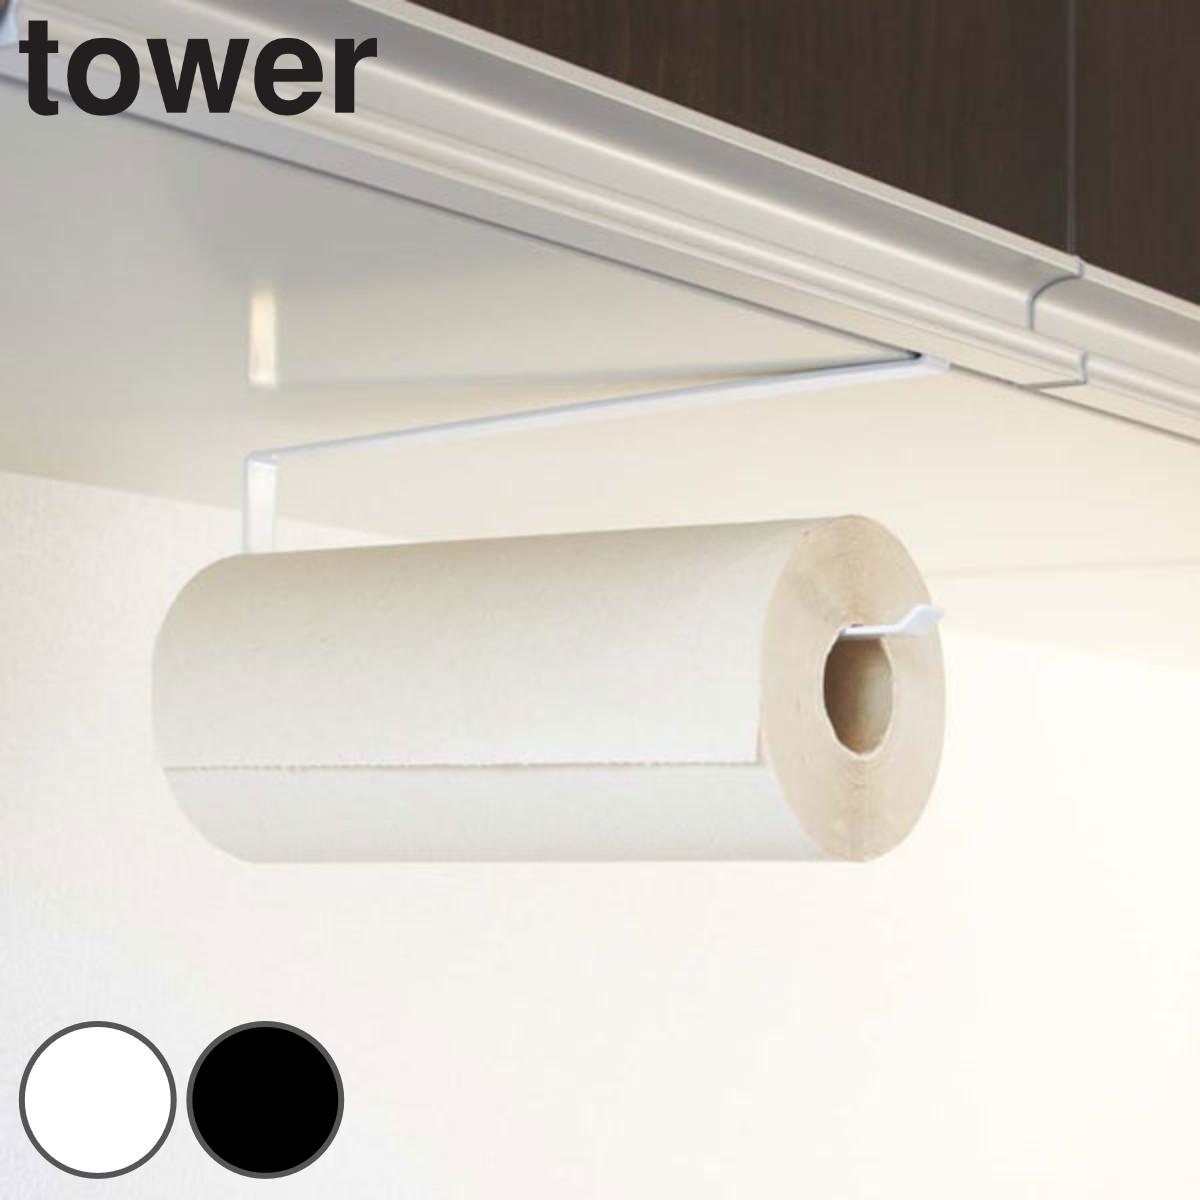 Cupboard Under The Kitchen Roll Holder Tower Tower (kitchen Storage Kitchen  Storage Paper Towel Kitchen